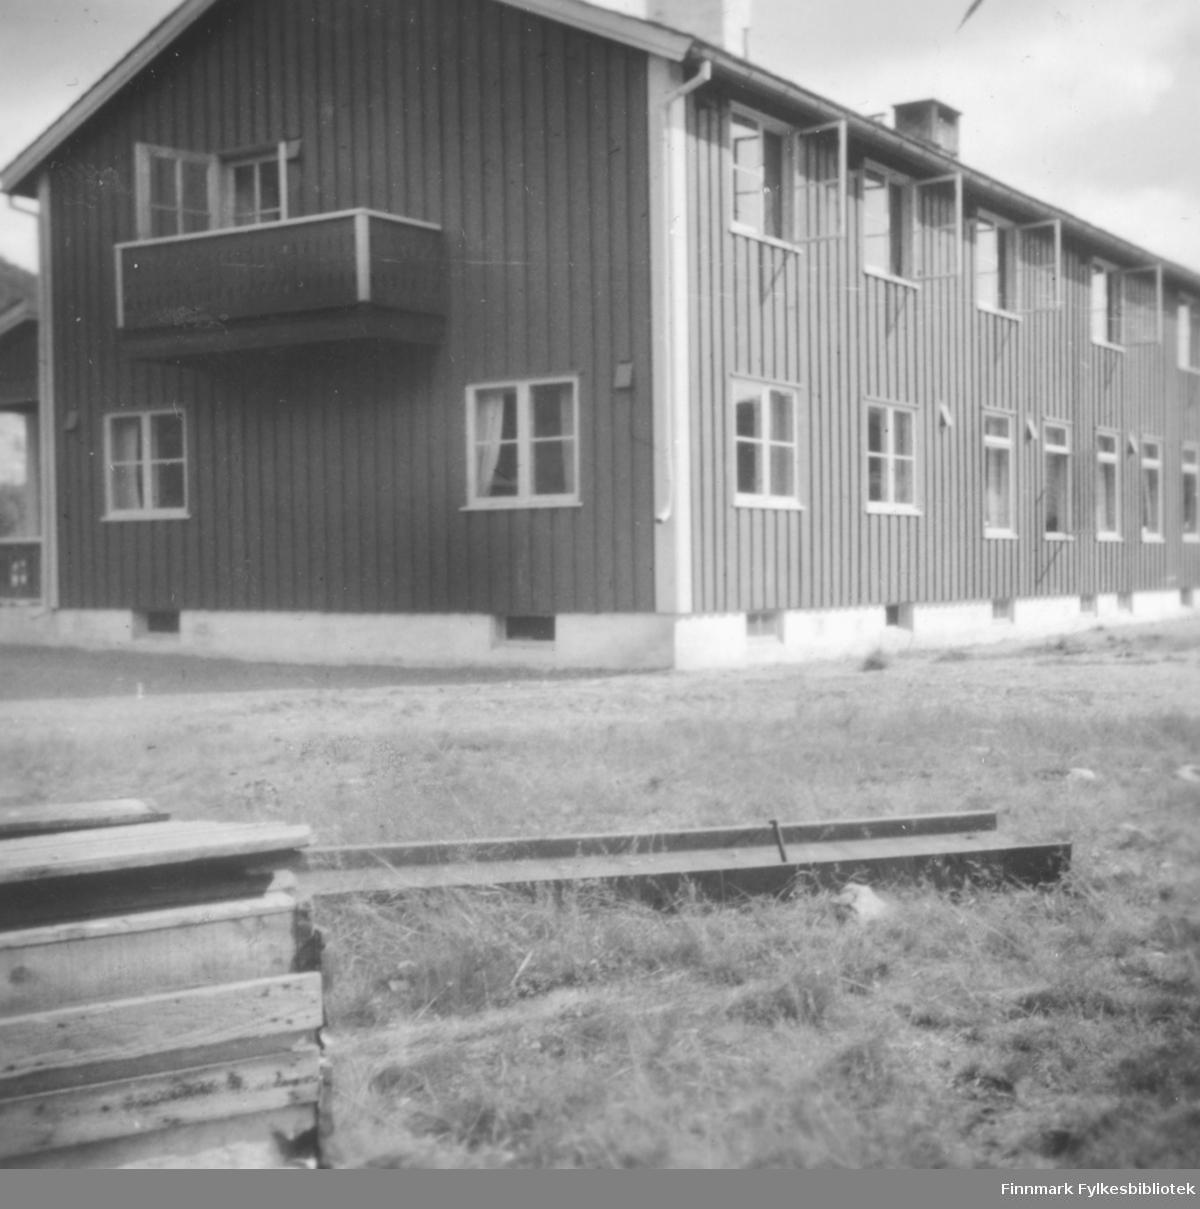 Ifjord fjellstue. Bildet er tatt i forbindelse med en fotballtur til Alta Vadsø turnforening deltok på i 1953/1954. Turdeltakerne overnattet eller rastet nok her